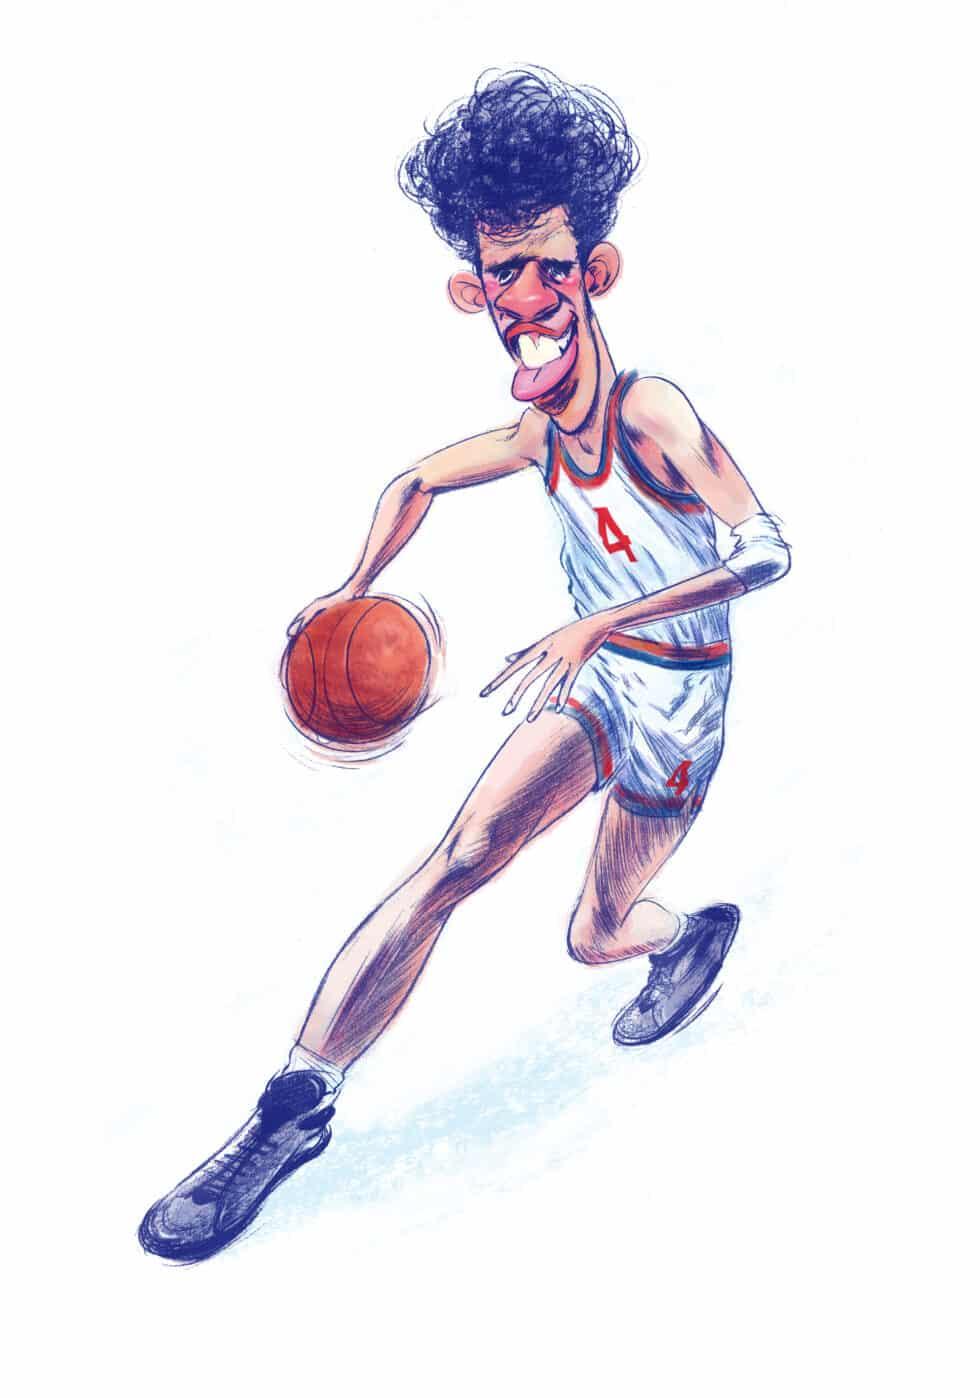 """Ilustración del jugador de baloncesto Drazen Petrovic para el libro """"Álbum de cromos"""""""